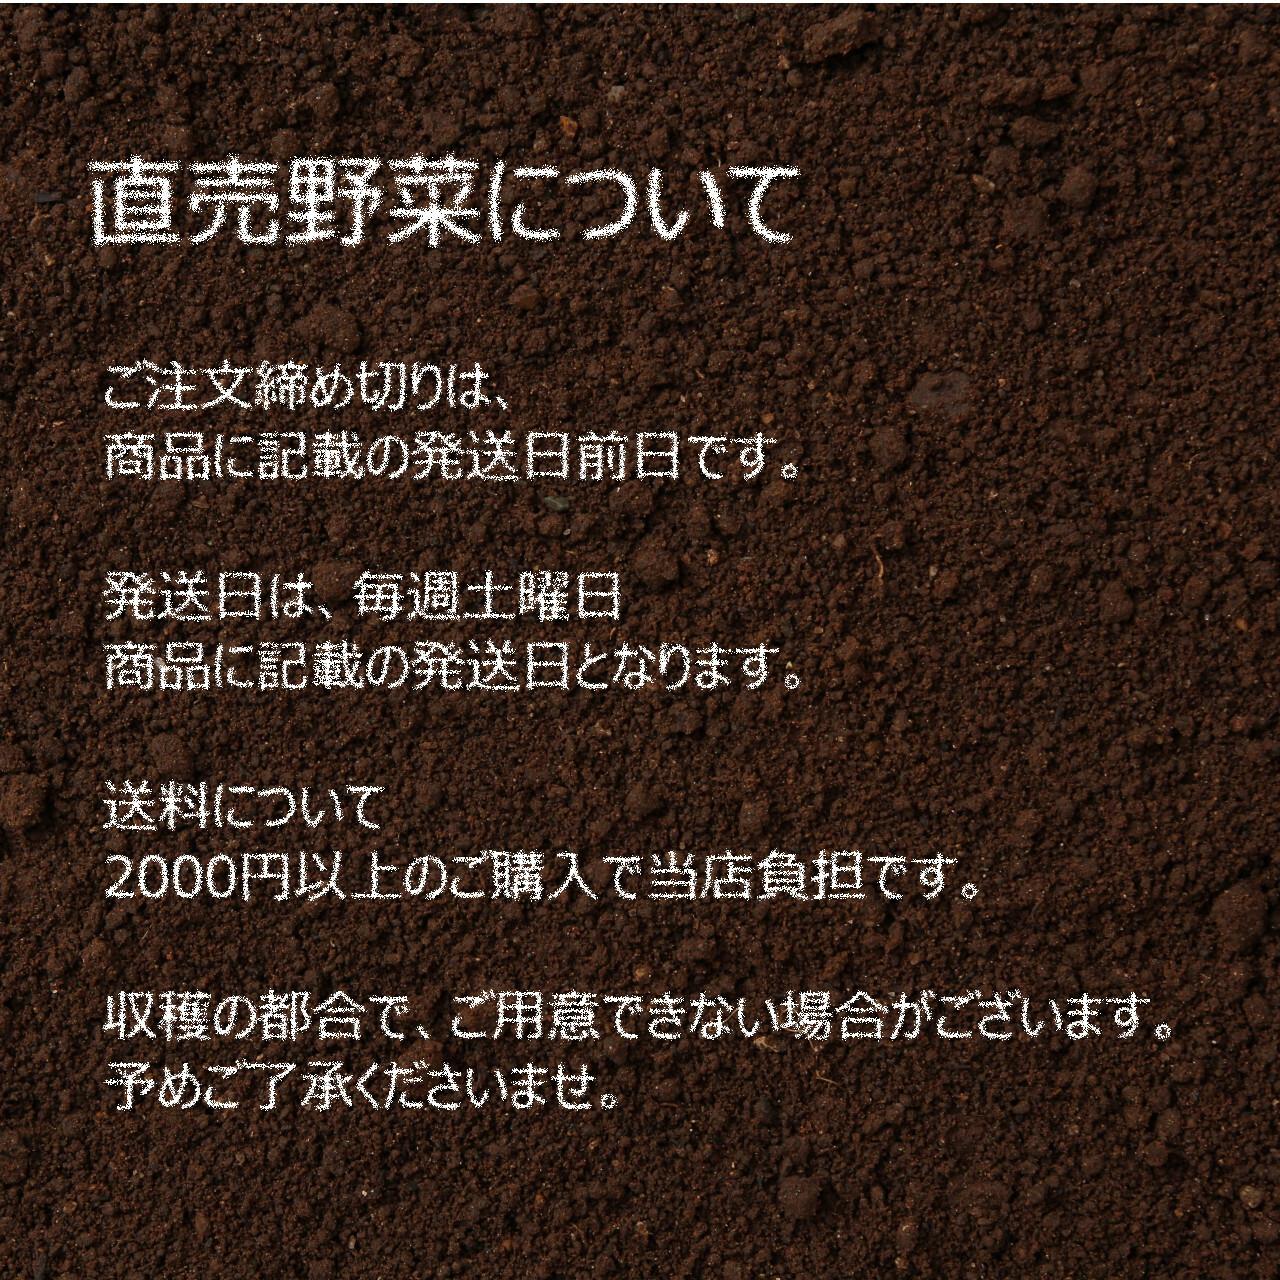 新鮮な秋野菜 : 春菊 約300g 9月の朝採り直売野菜 9月14日発送予定